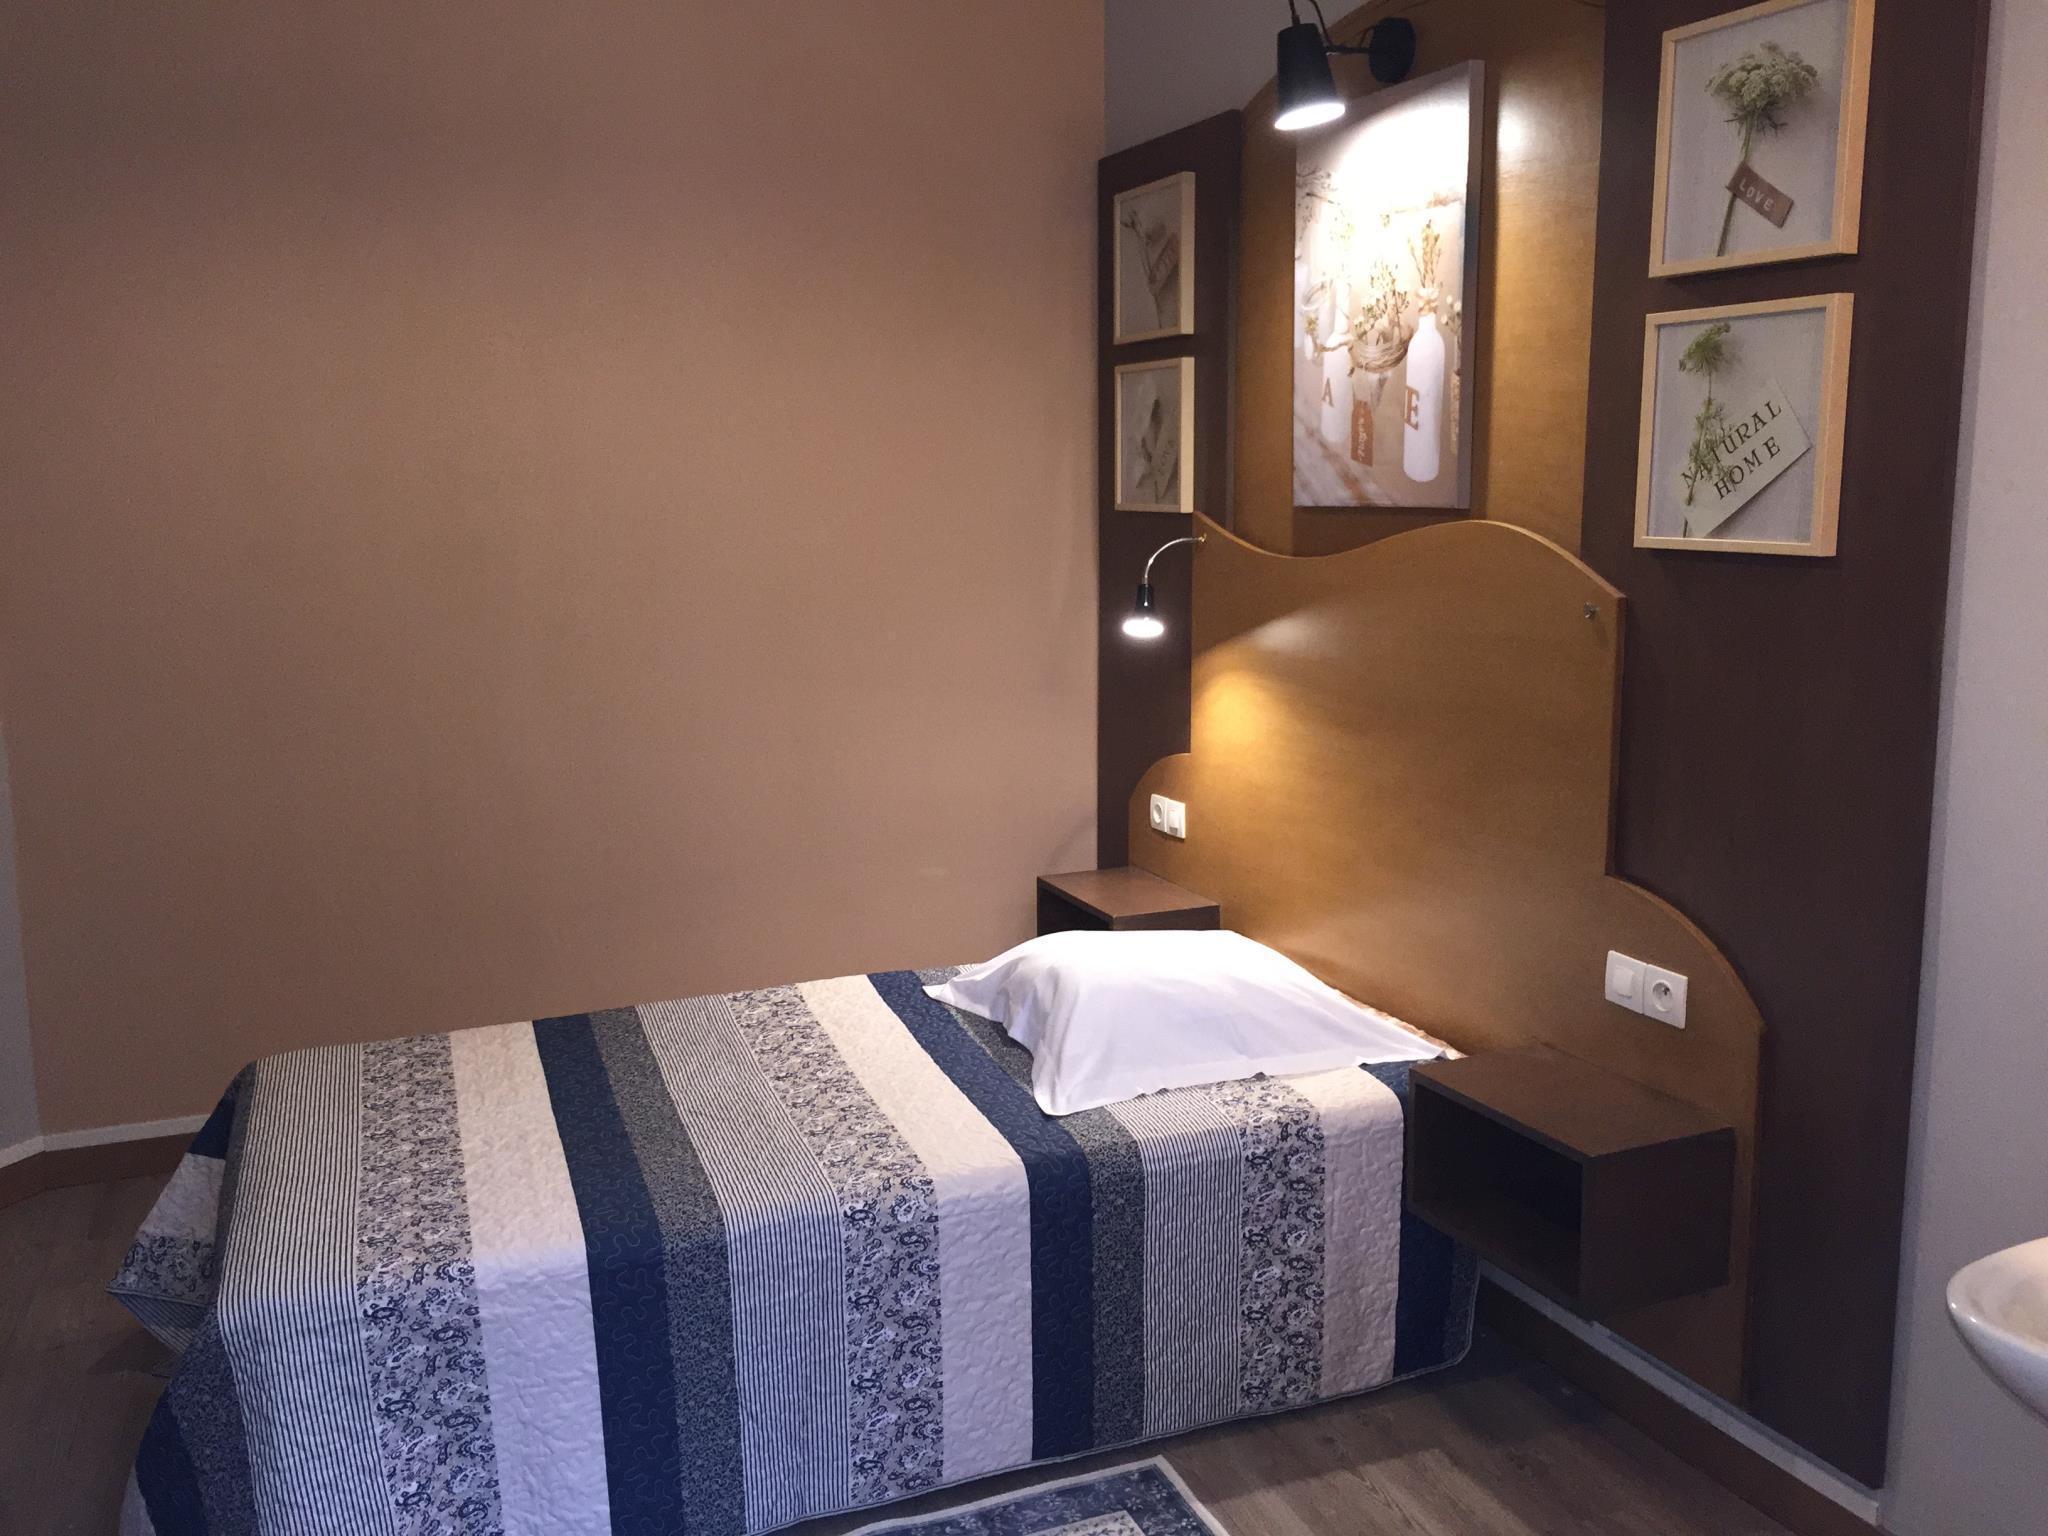 Facq Salle De Bain Zaventem ~ H Tel Rachel Hotel Rachel Paris Offres Sp Ciales Pour Cet H Tel